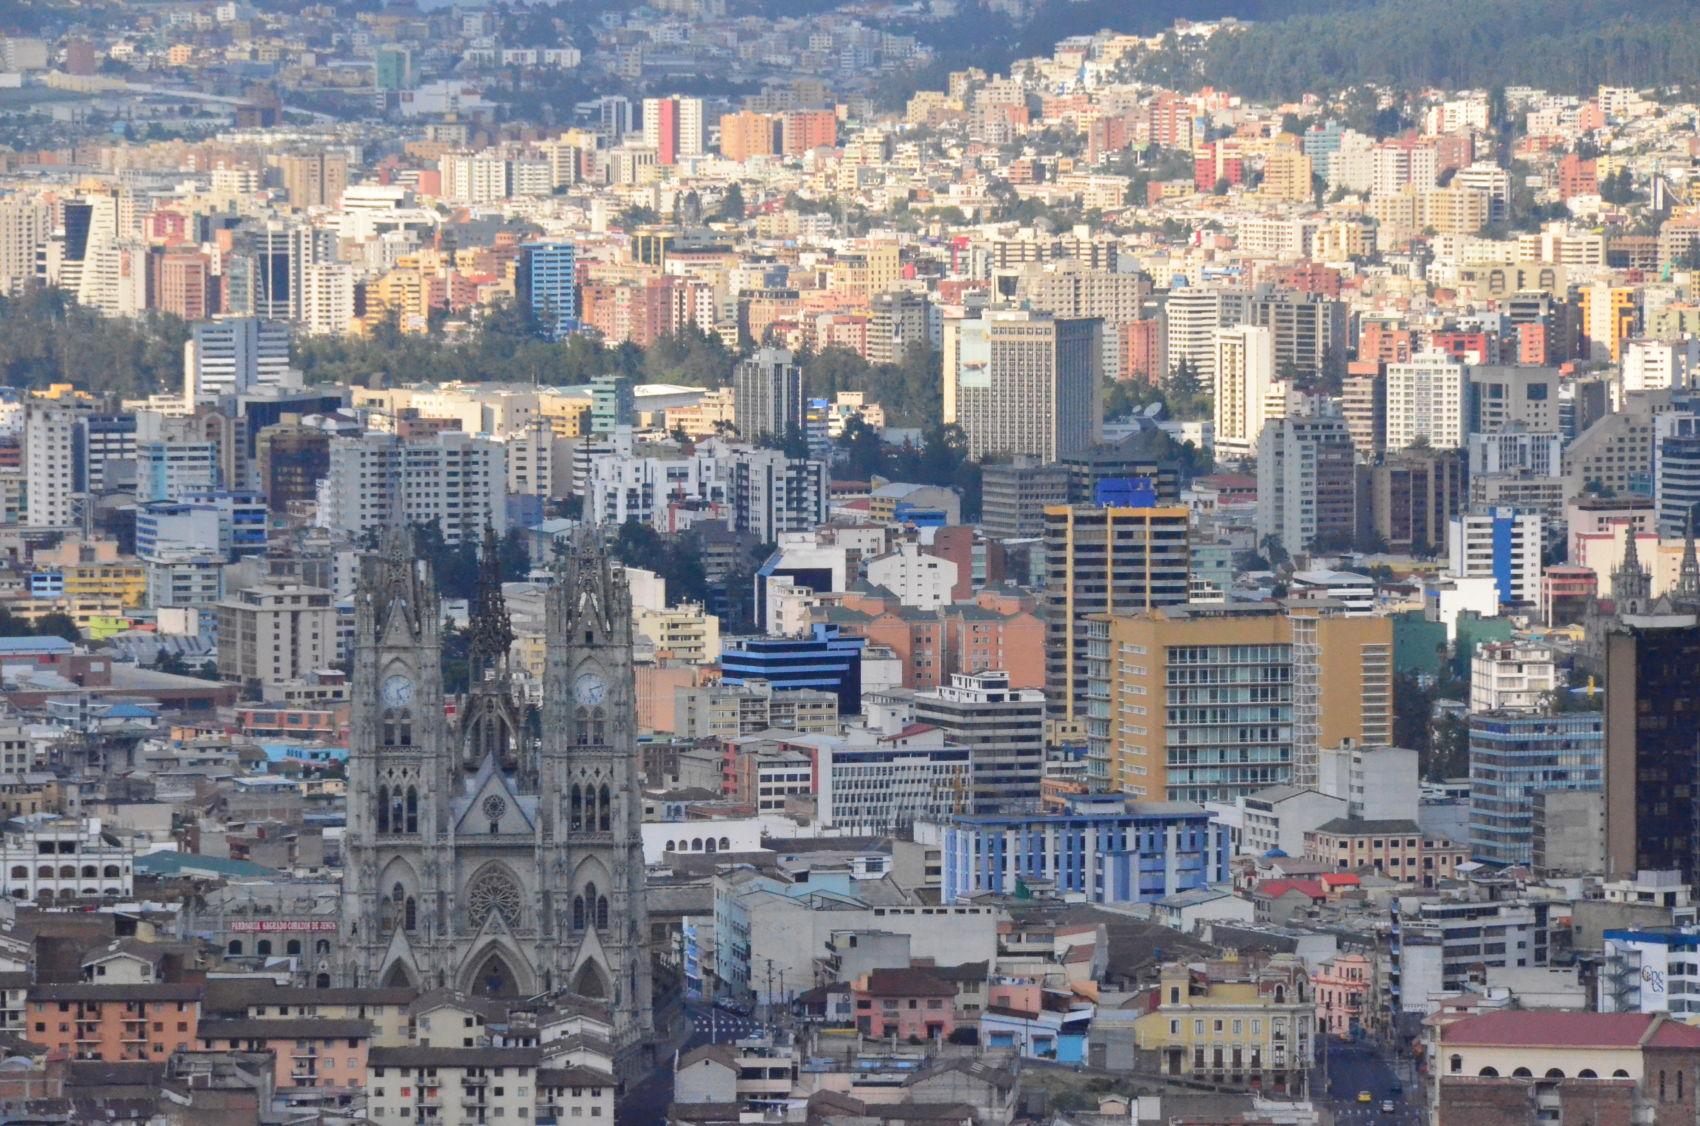 Quito w taksówce